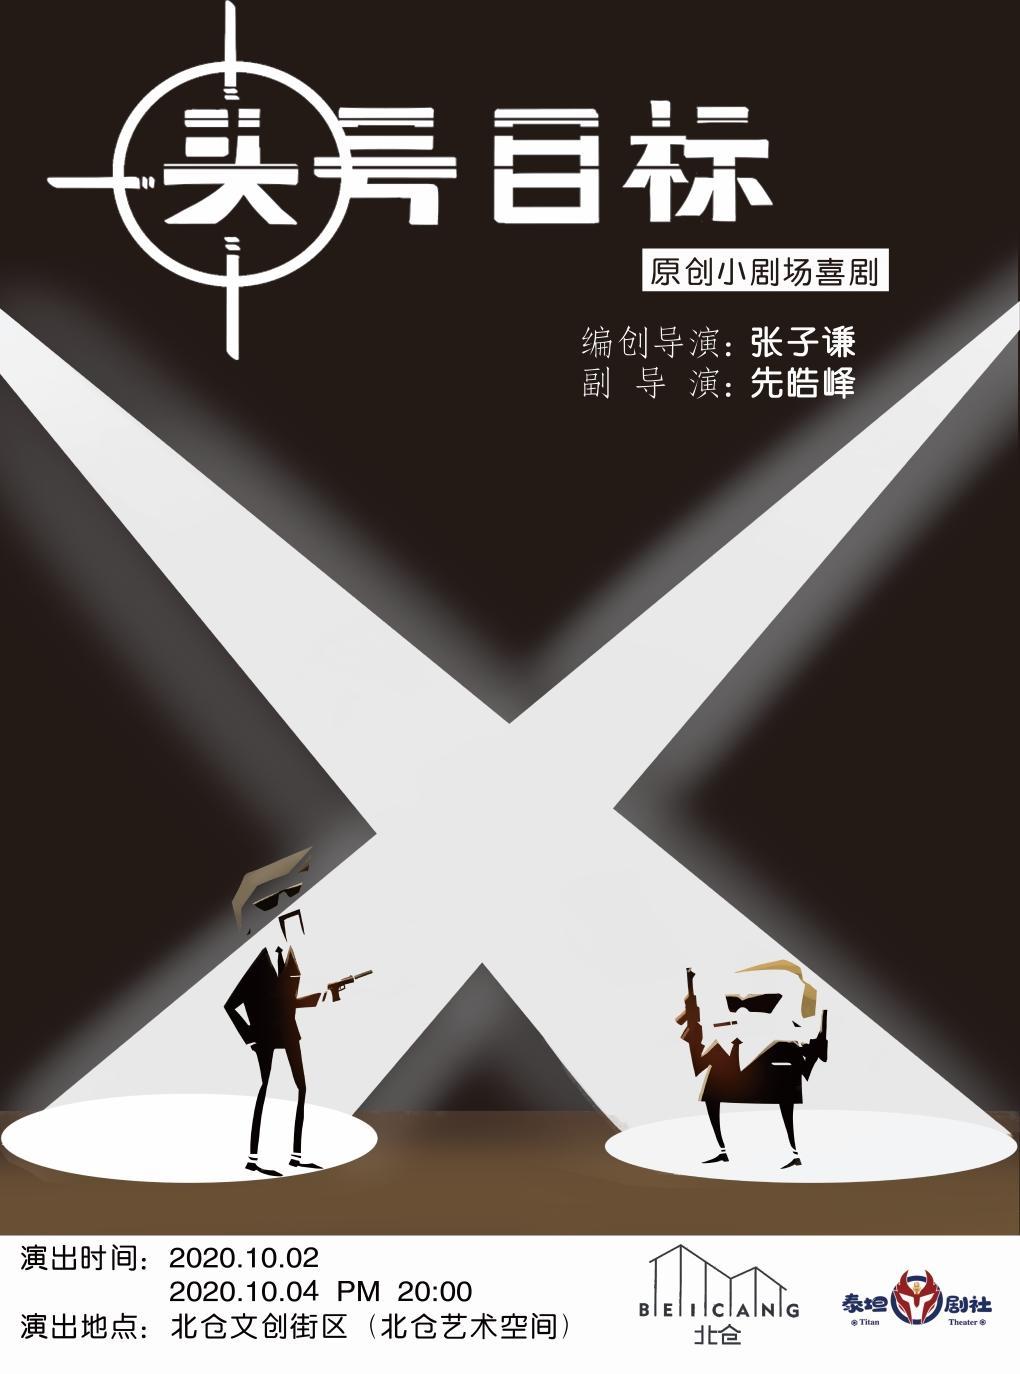 重庆小剧场荒诞喜剧《头号目标》爆笑来袭